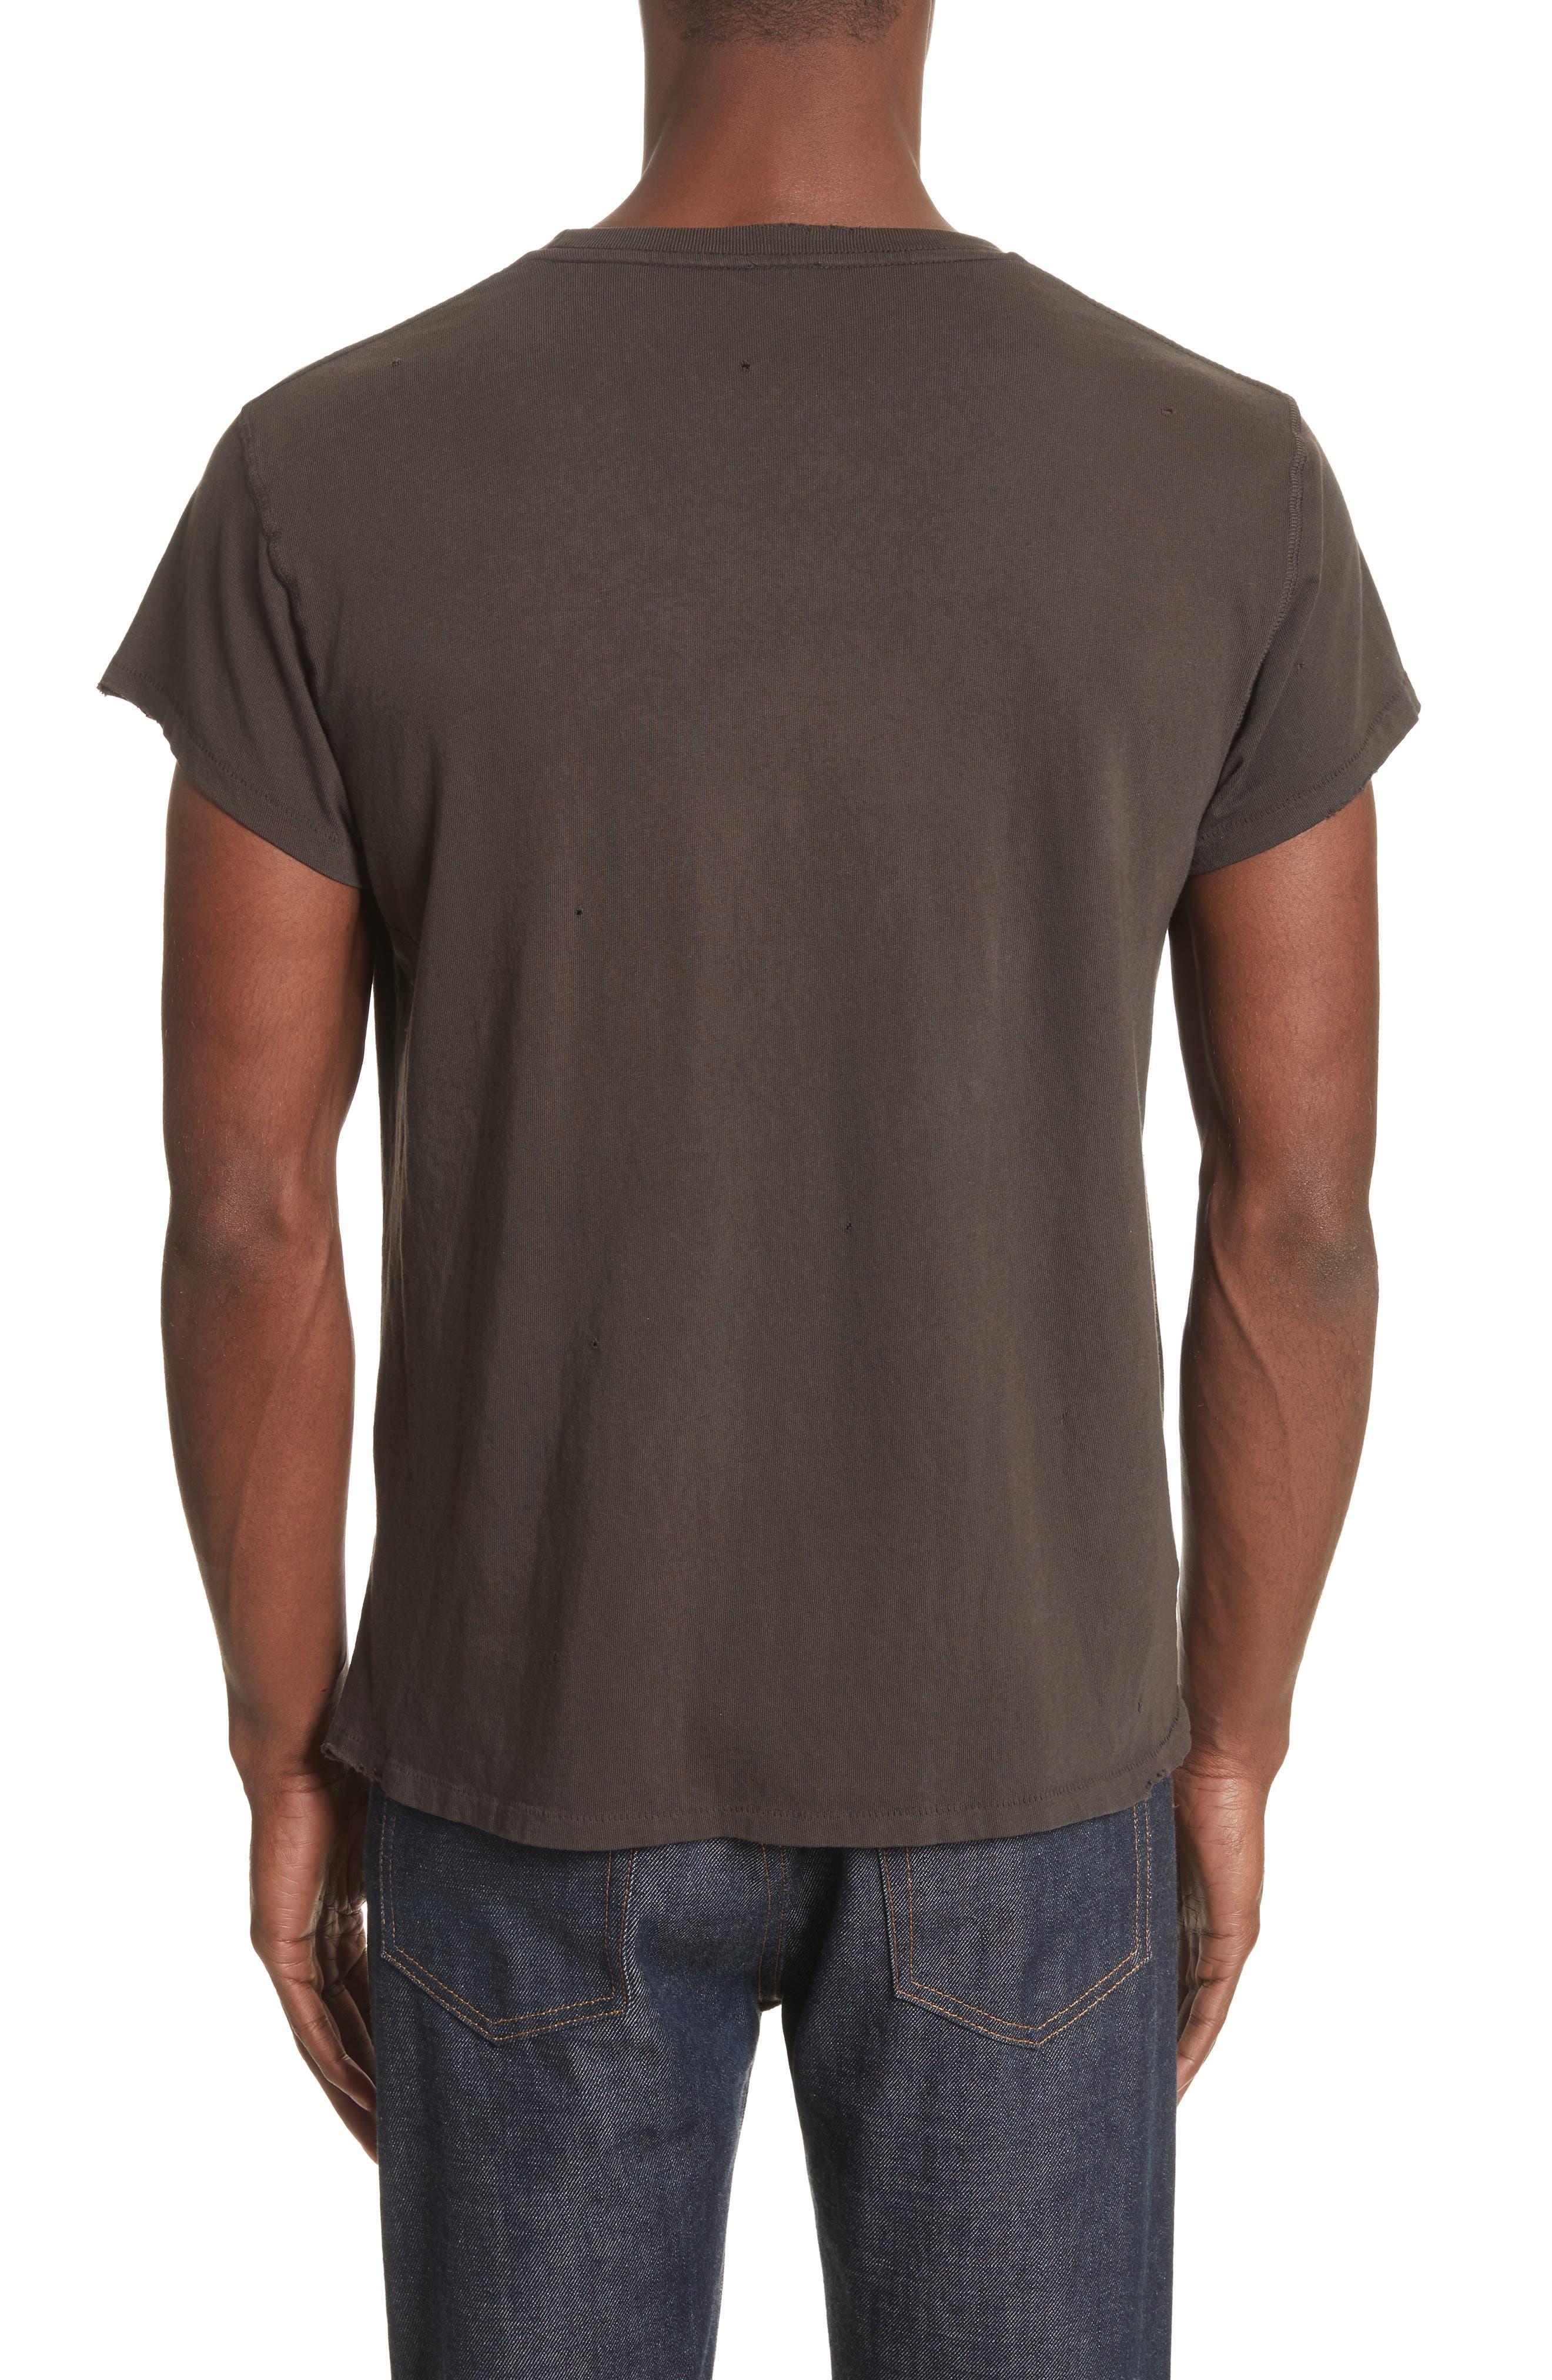 Lionel Richie Graphic T-Shirt,                             Alternate thumbnail 2, color,